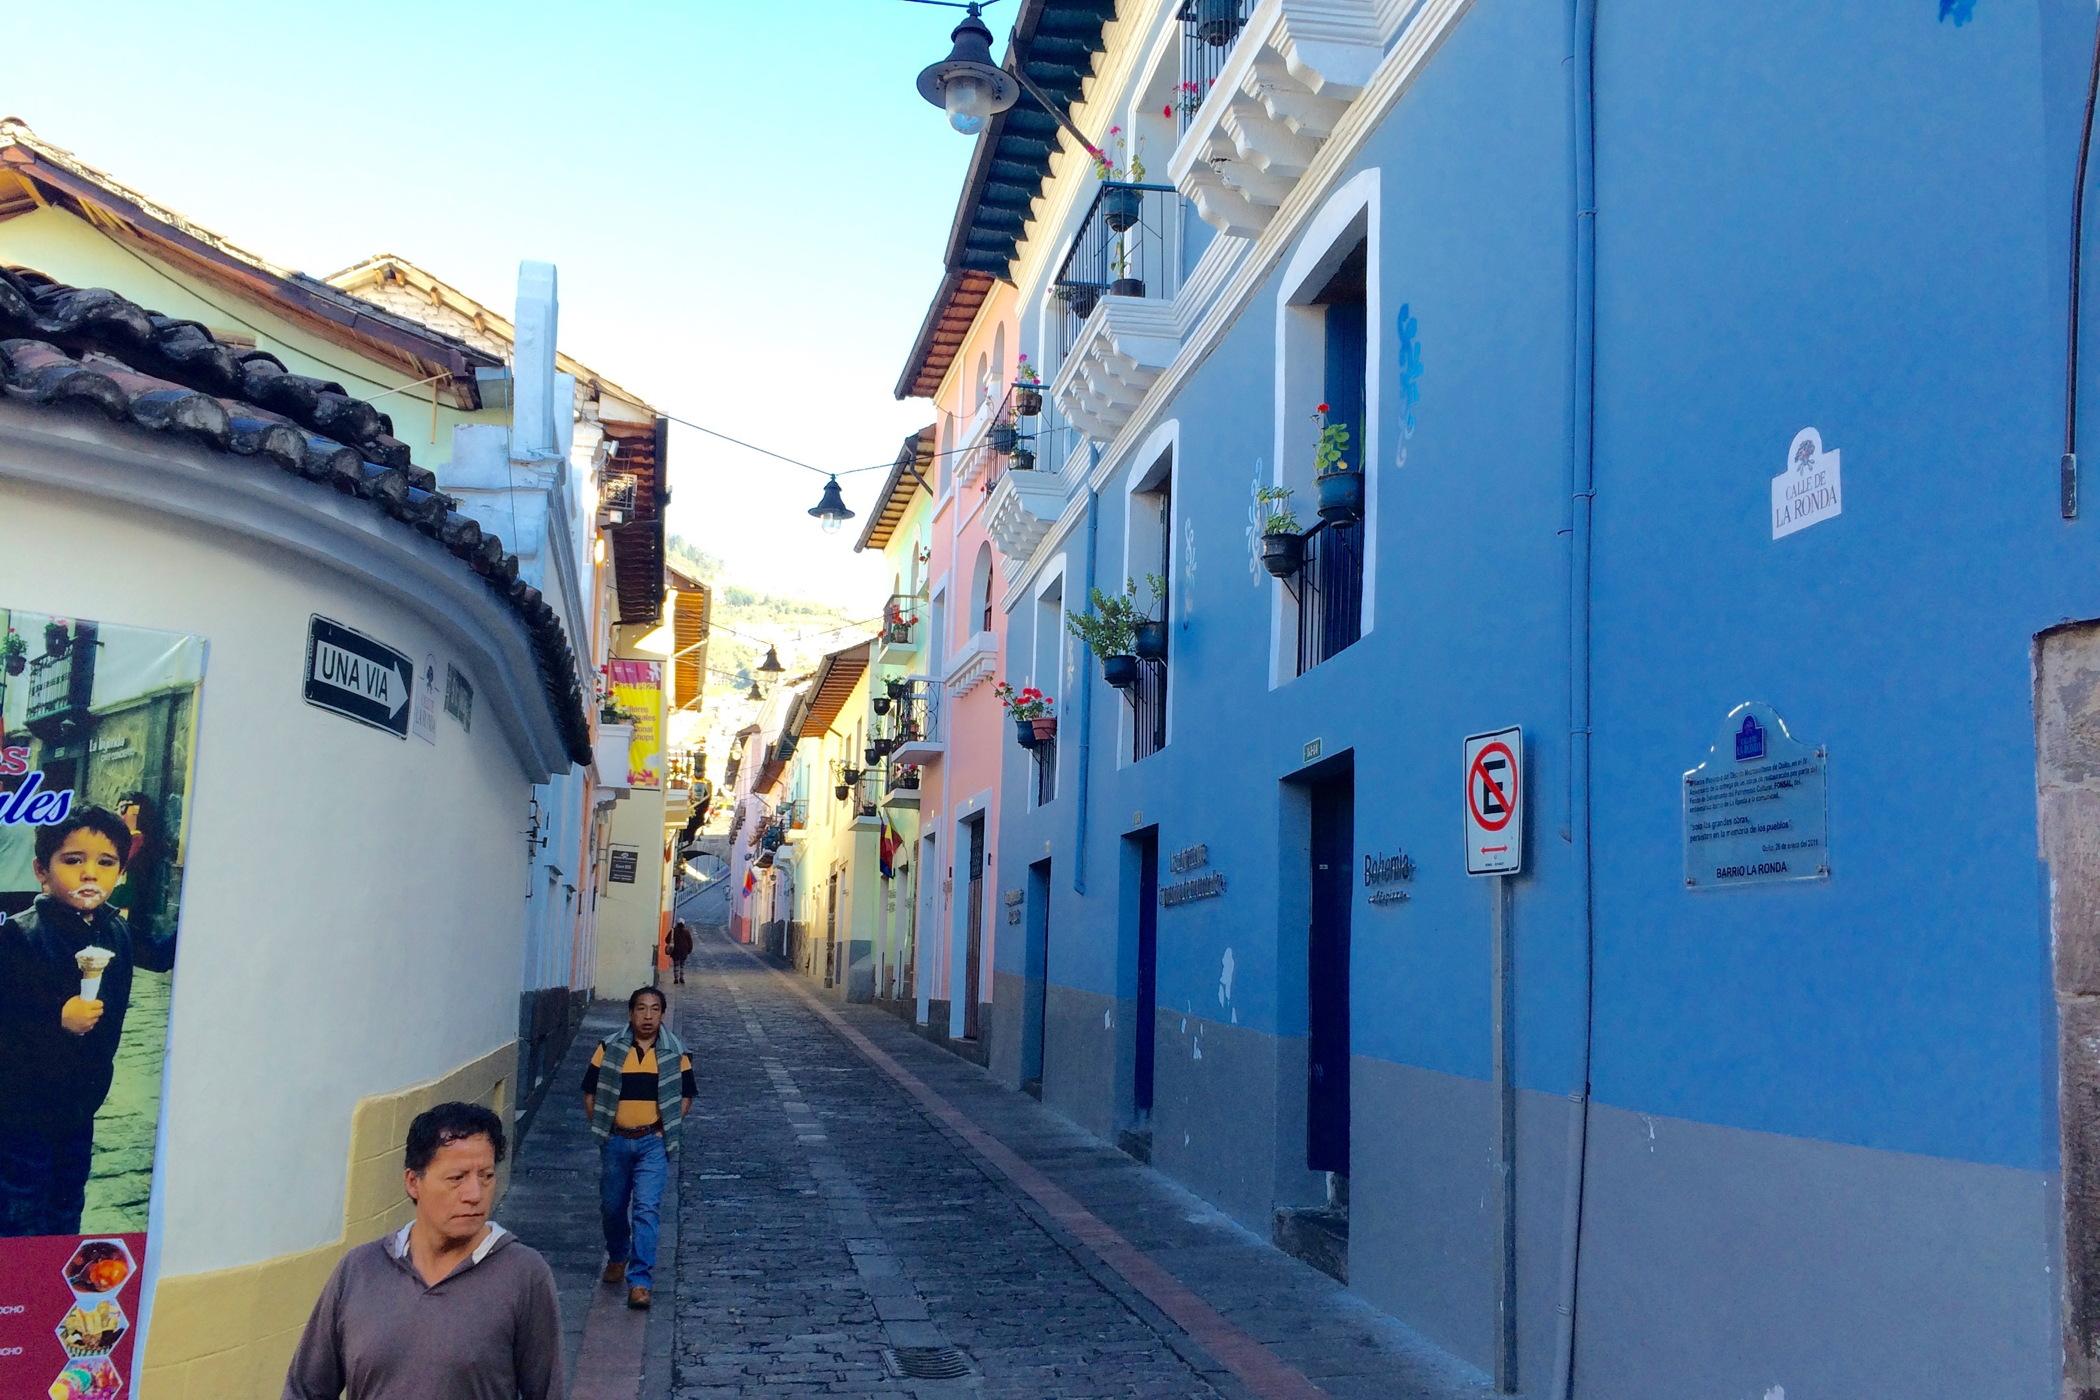 Calle la ronda in Centro Historico Old Town Quito